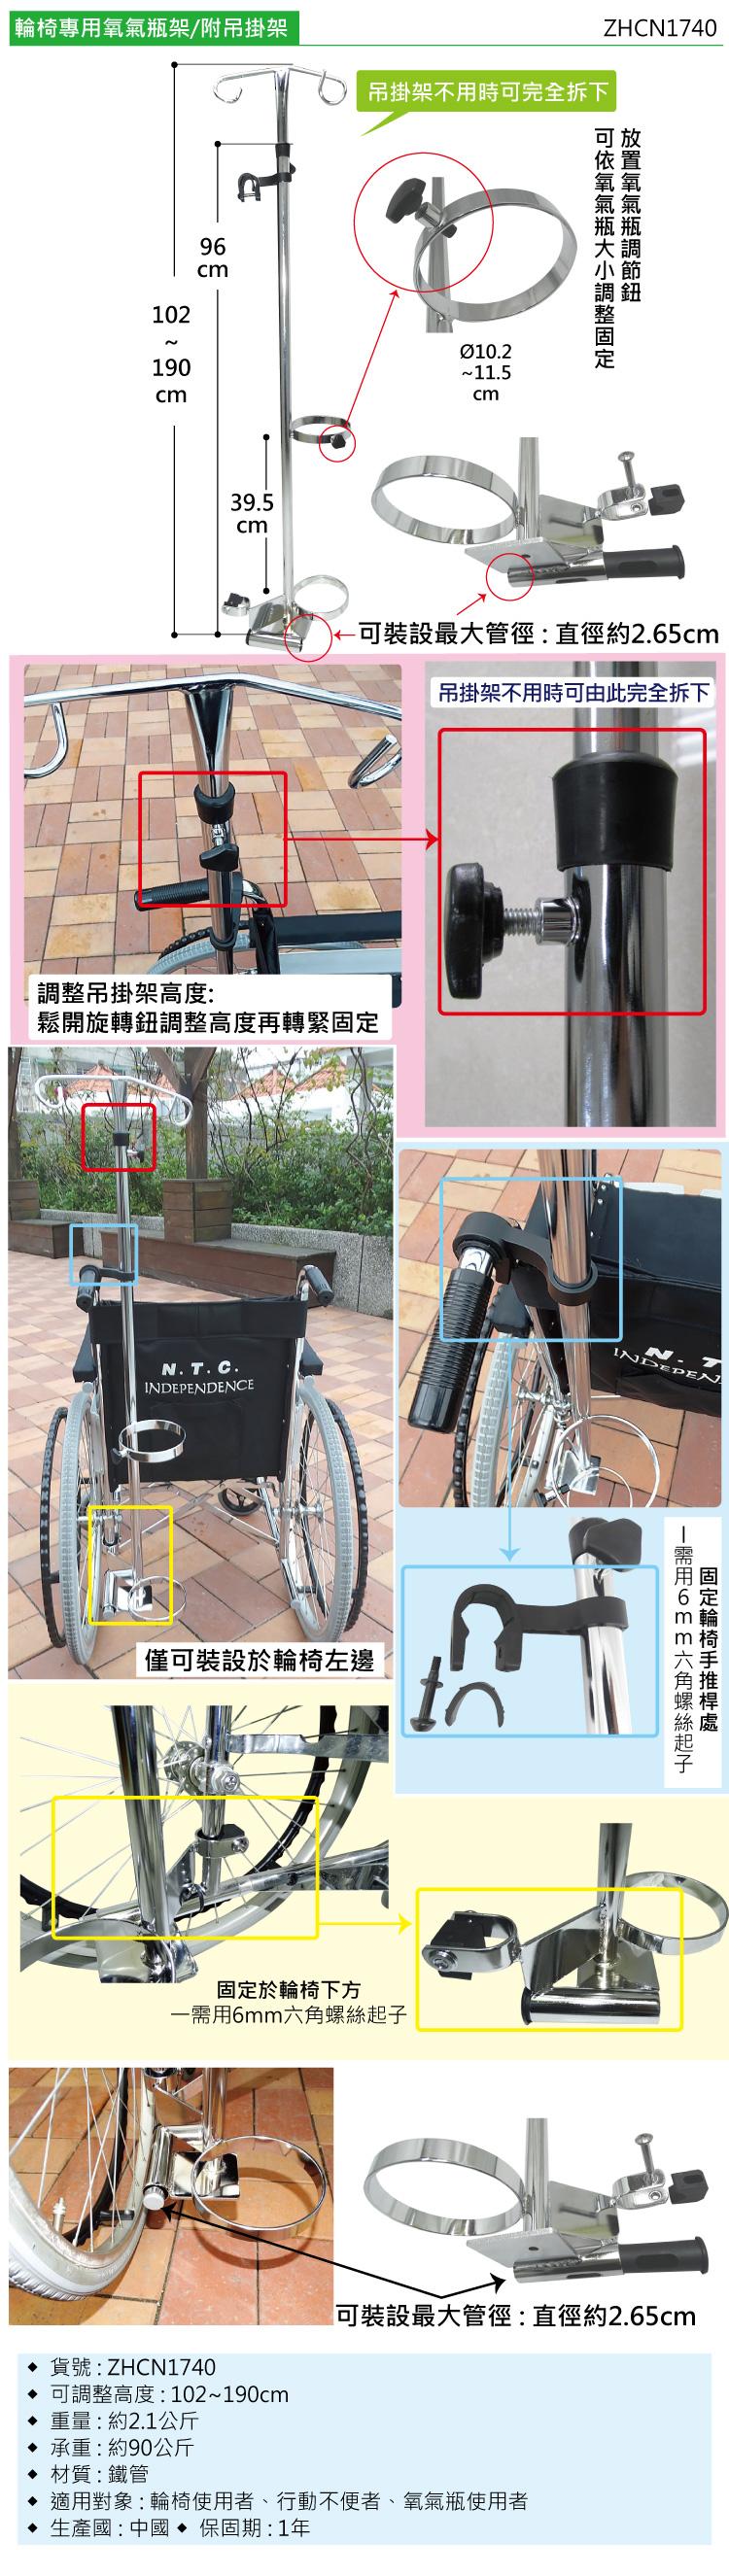 輪椅專用,氧氣瓶架,點滴架,固定式點滴架。銀髮族、行動不便者、氧氣瓶使用者適用。